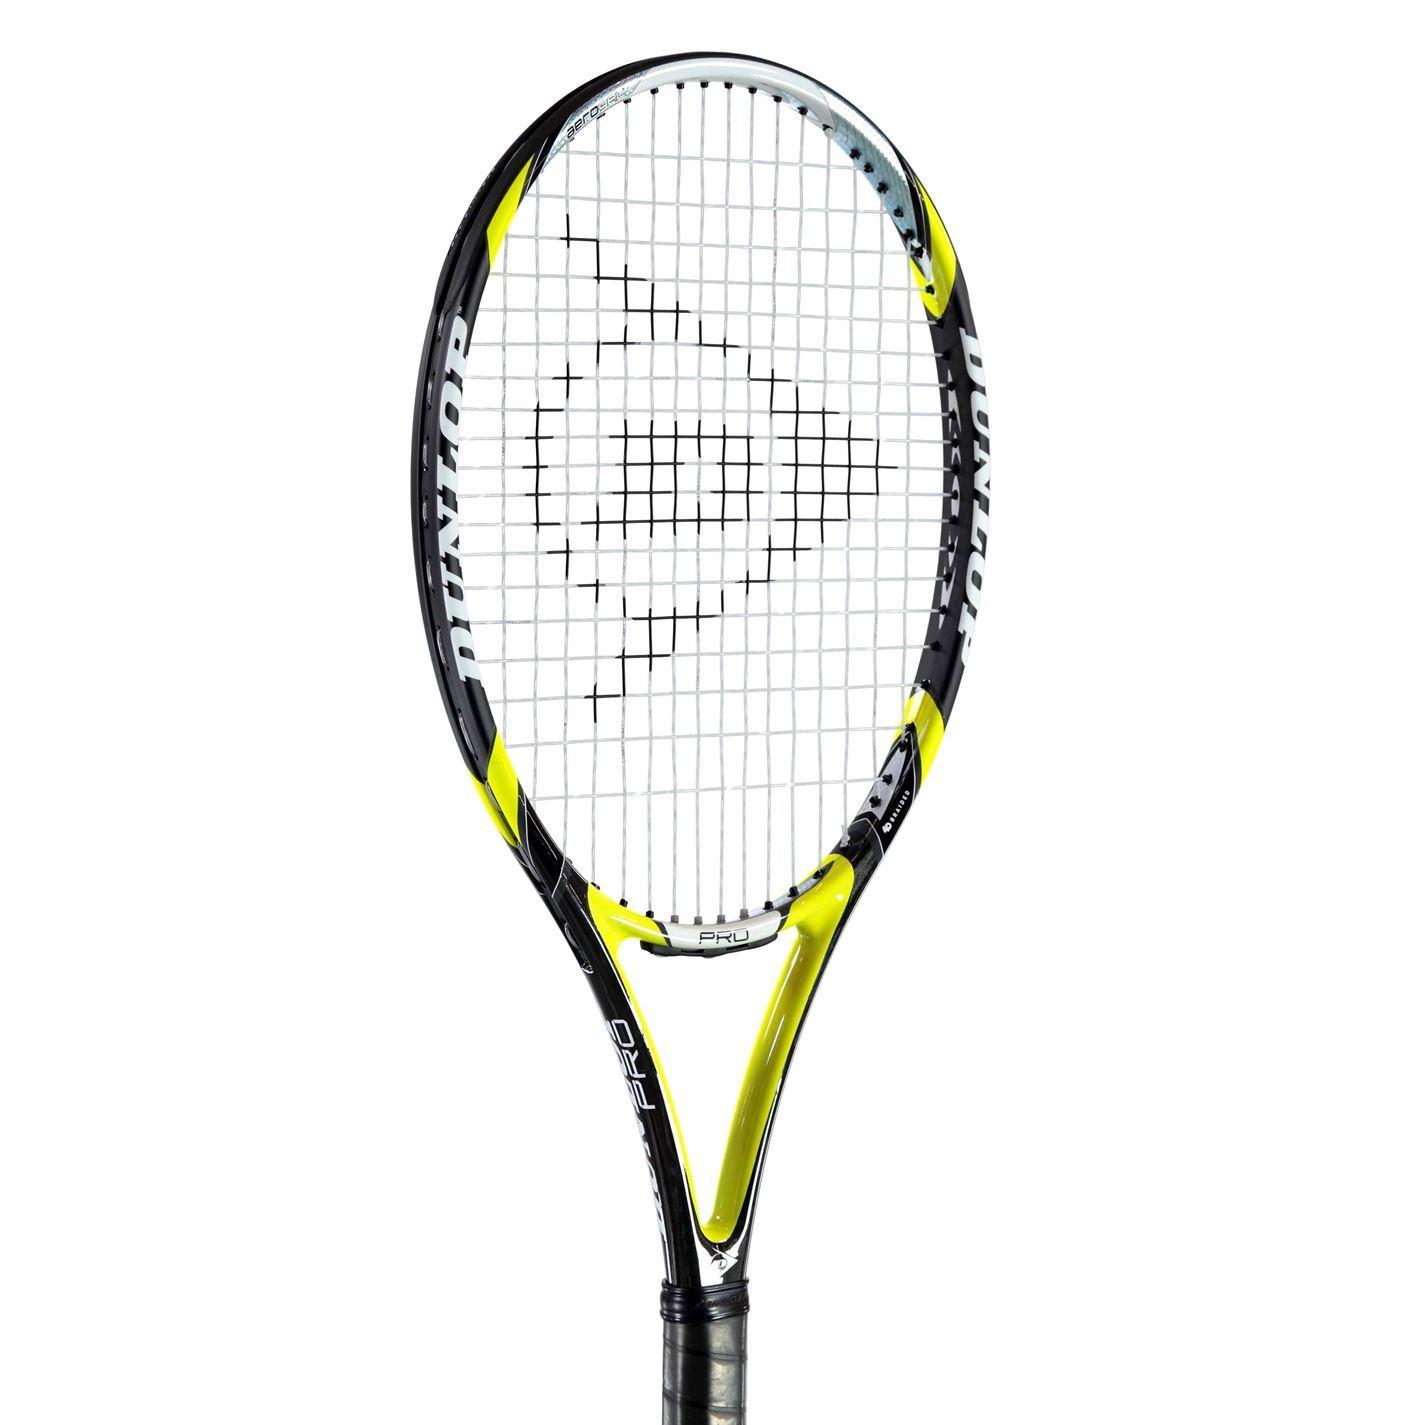 Details about Dunlop Aerogel 4D Pro Tennis Rackets Lightweight Play Game  Court Sports 92dcb3015a